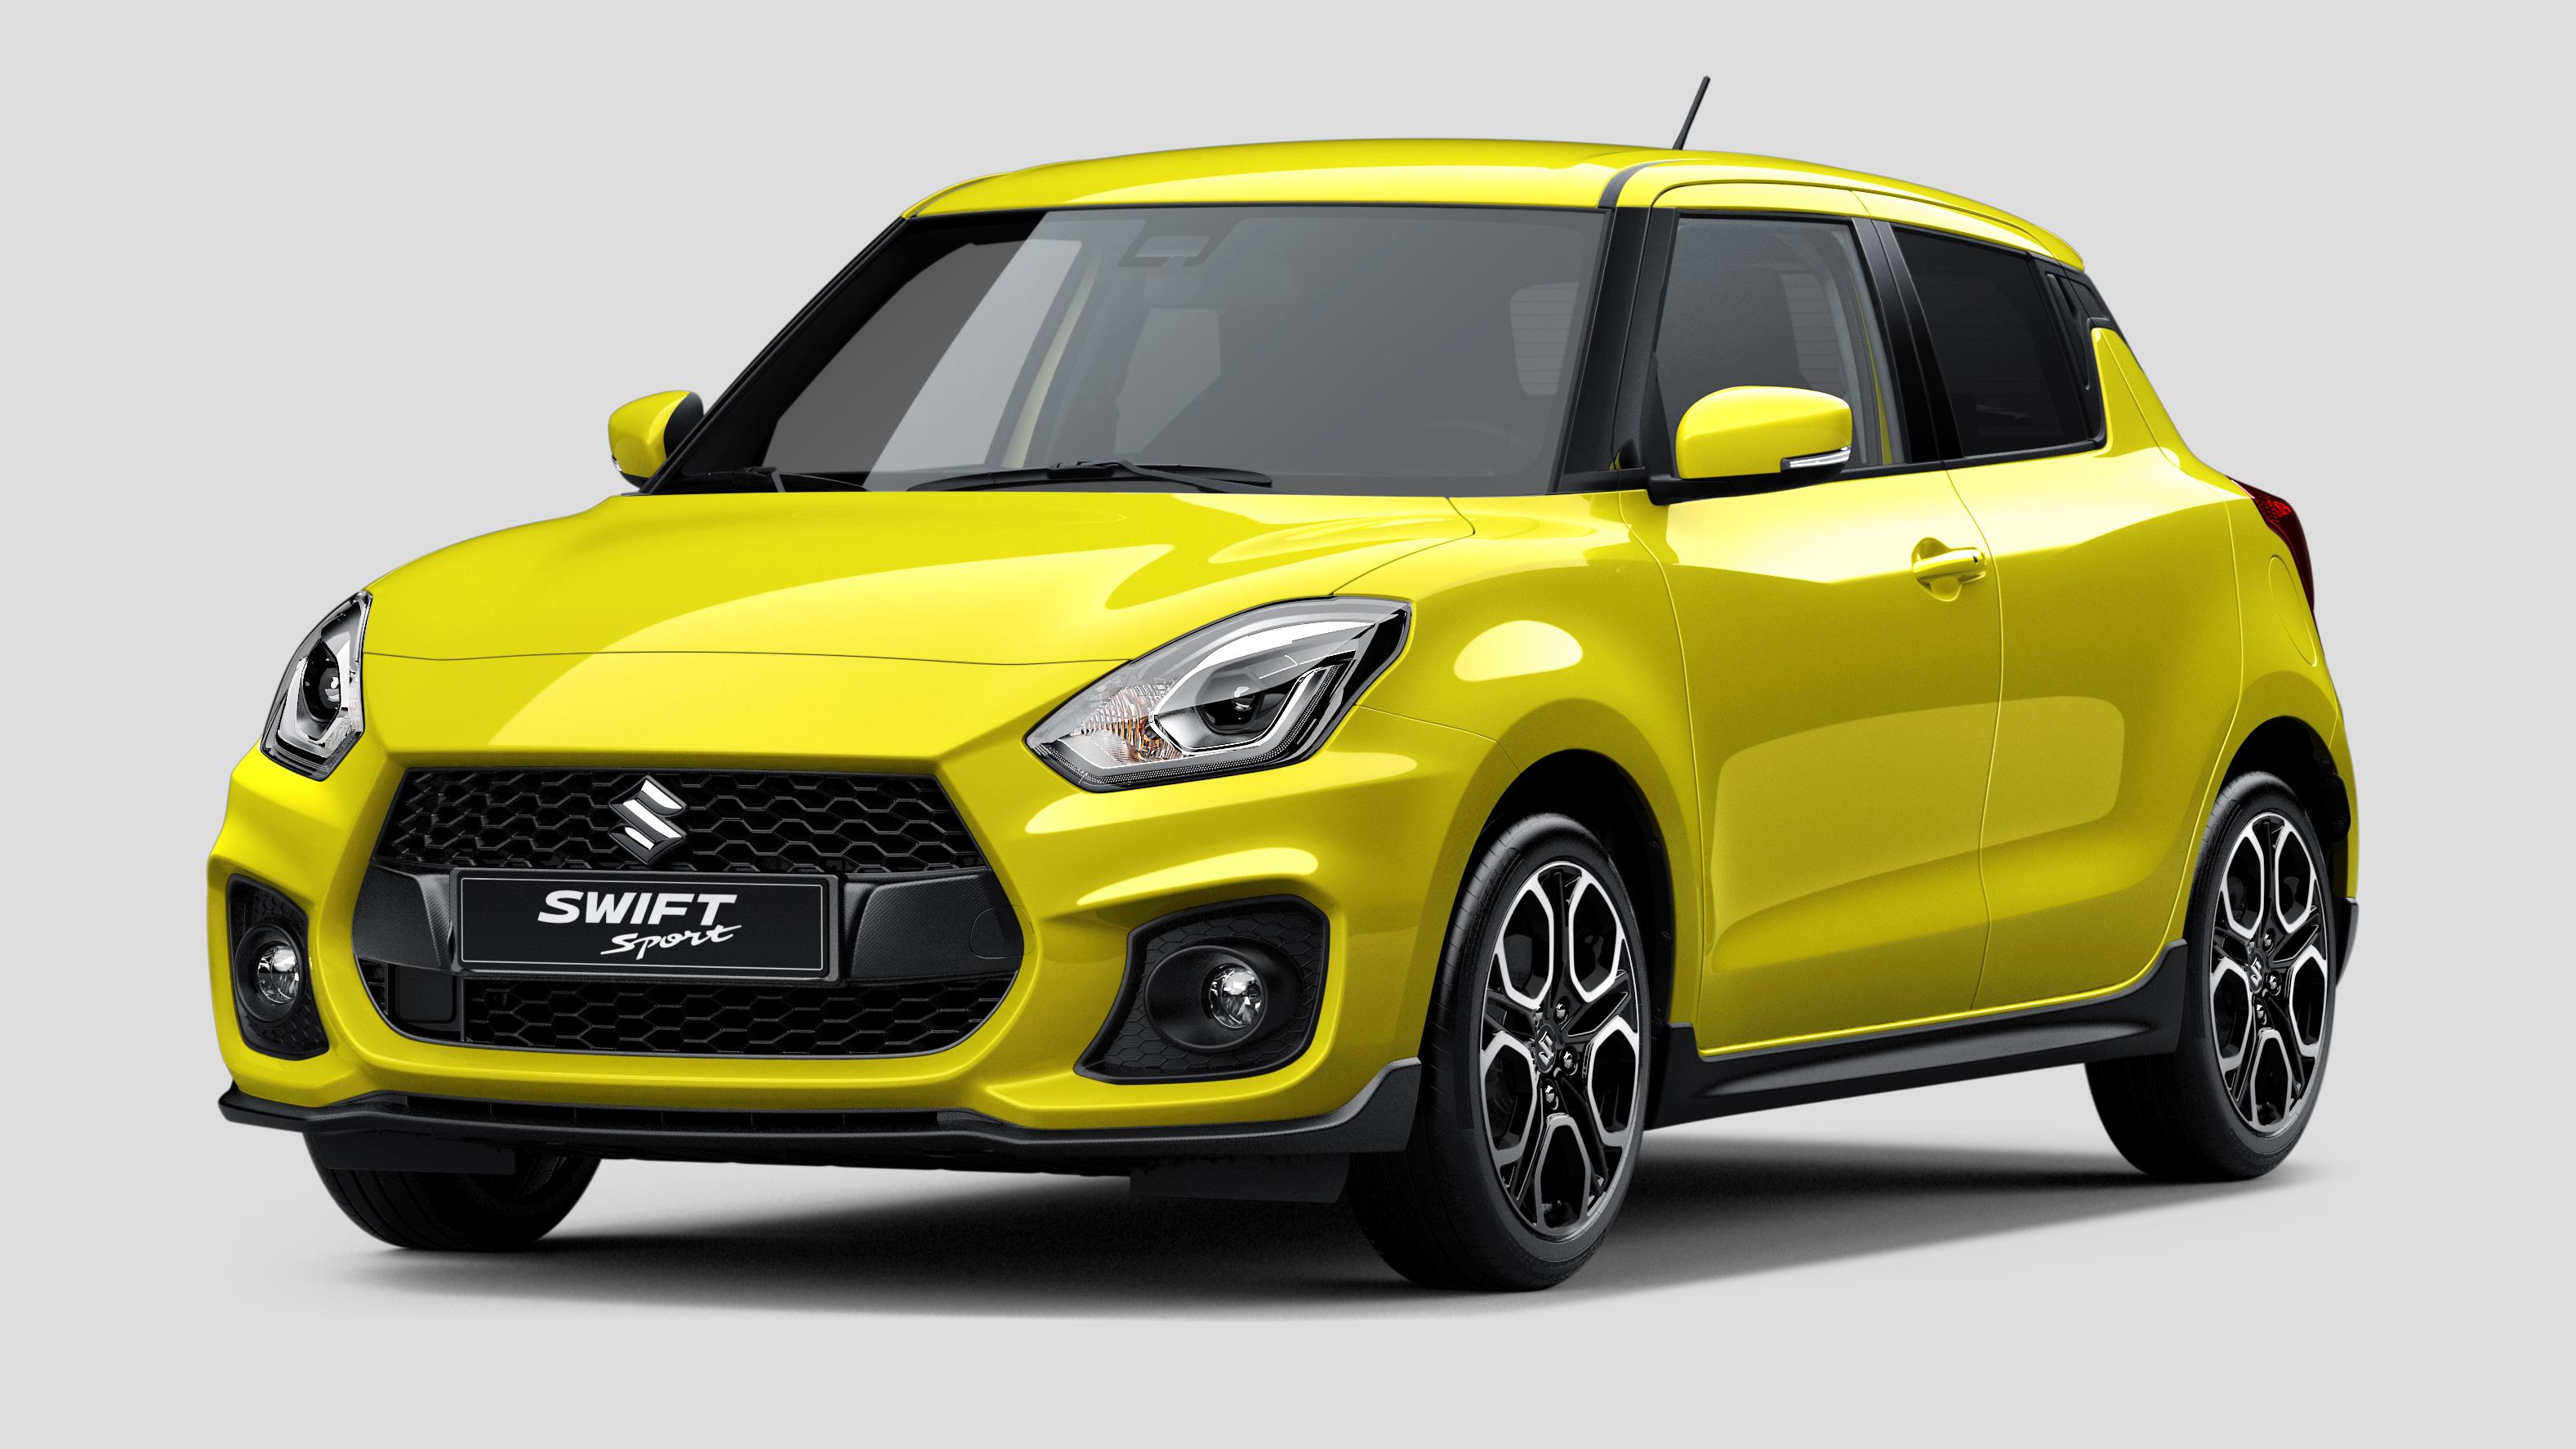 New Suzuki Swift front quarter